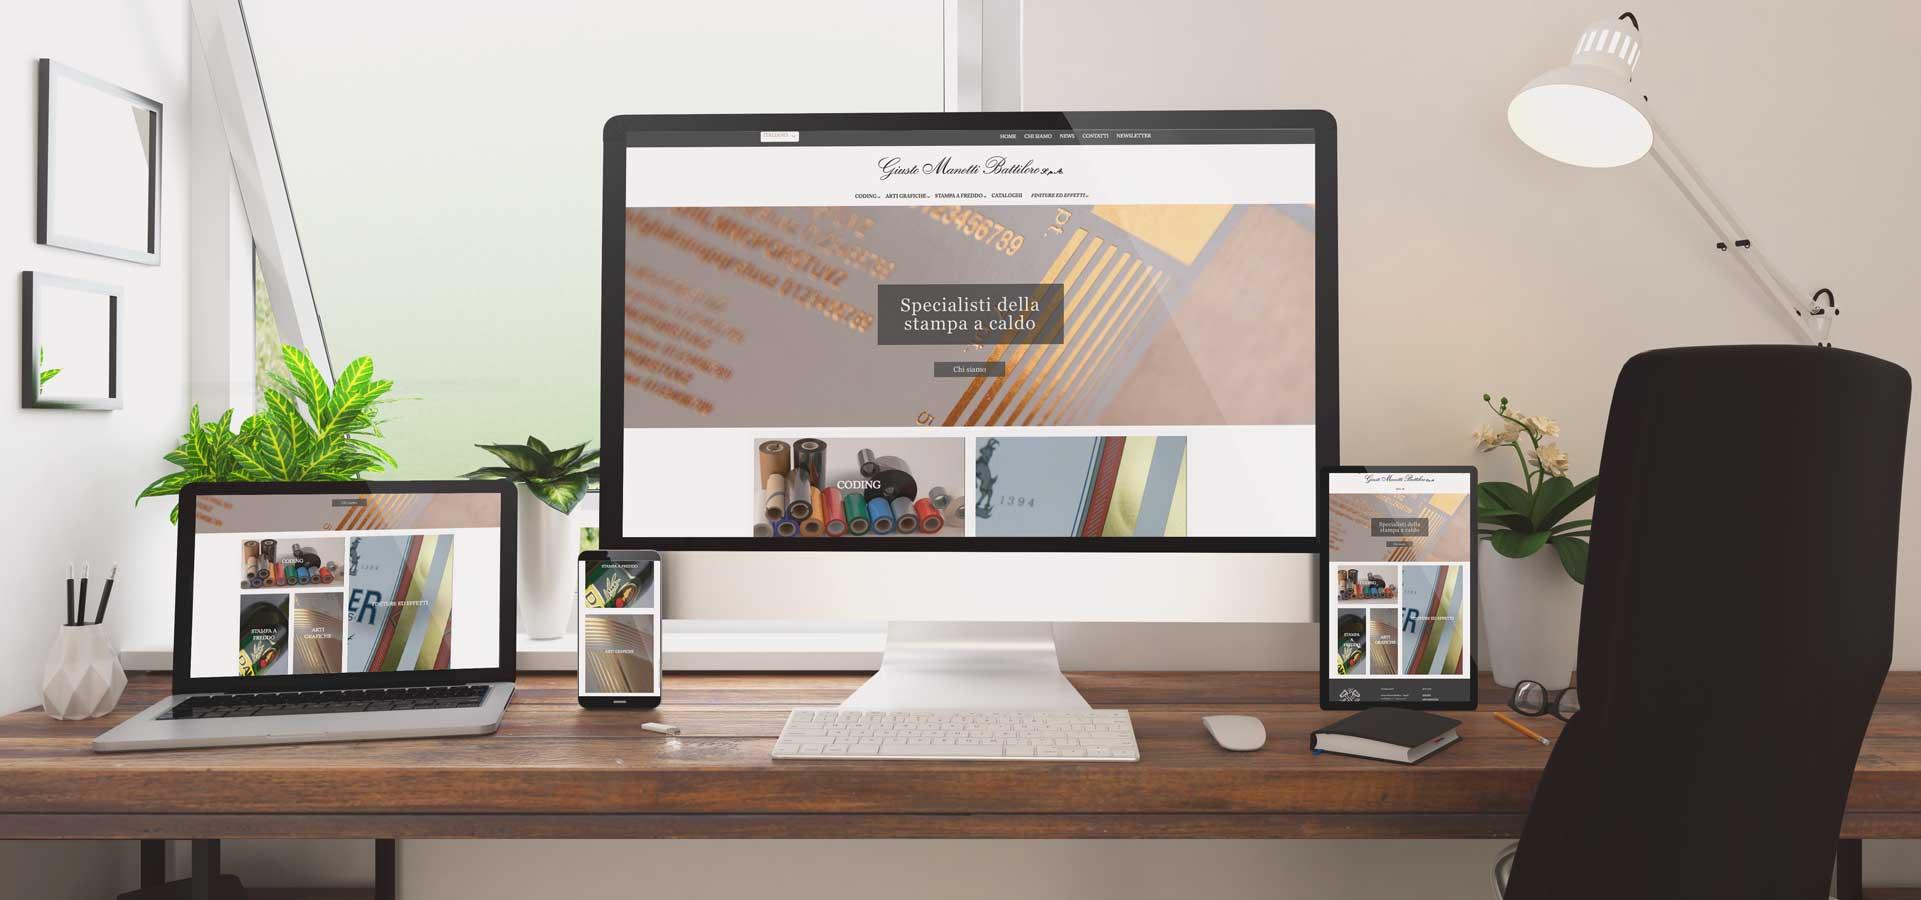 Schermate del nuovo sito - manettifoil.com